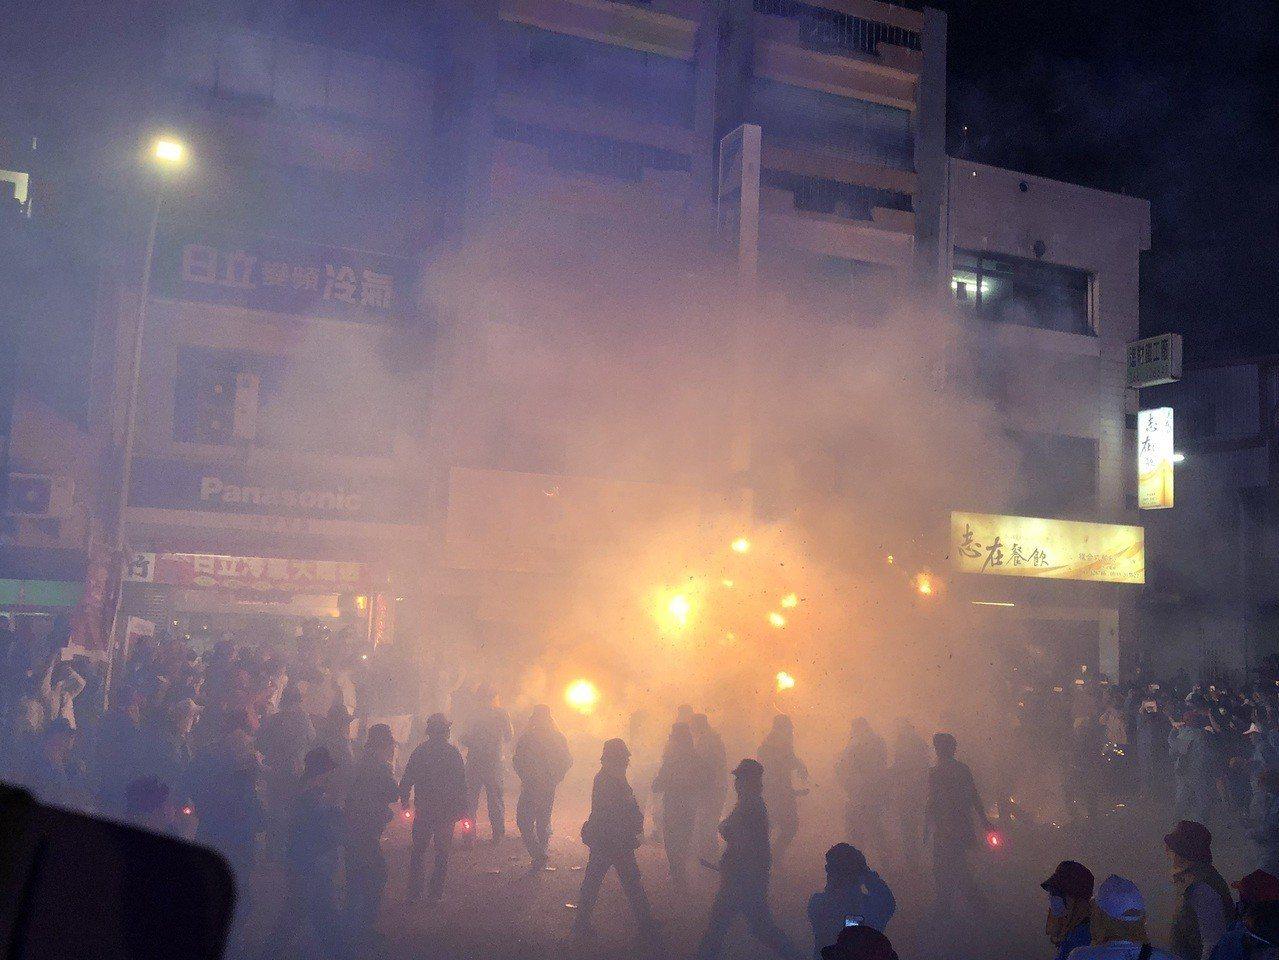 台東元宵節活動,昨晚官辦首場炸寒單吸引近千民眾共襄盛舉。 記者尤聰光/攝影